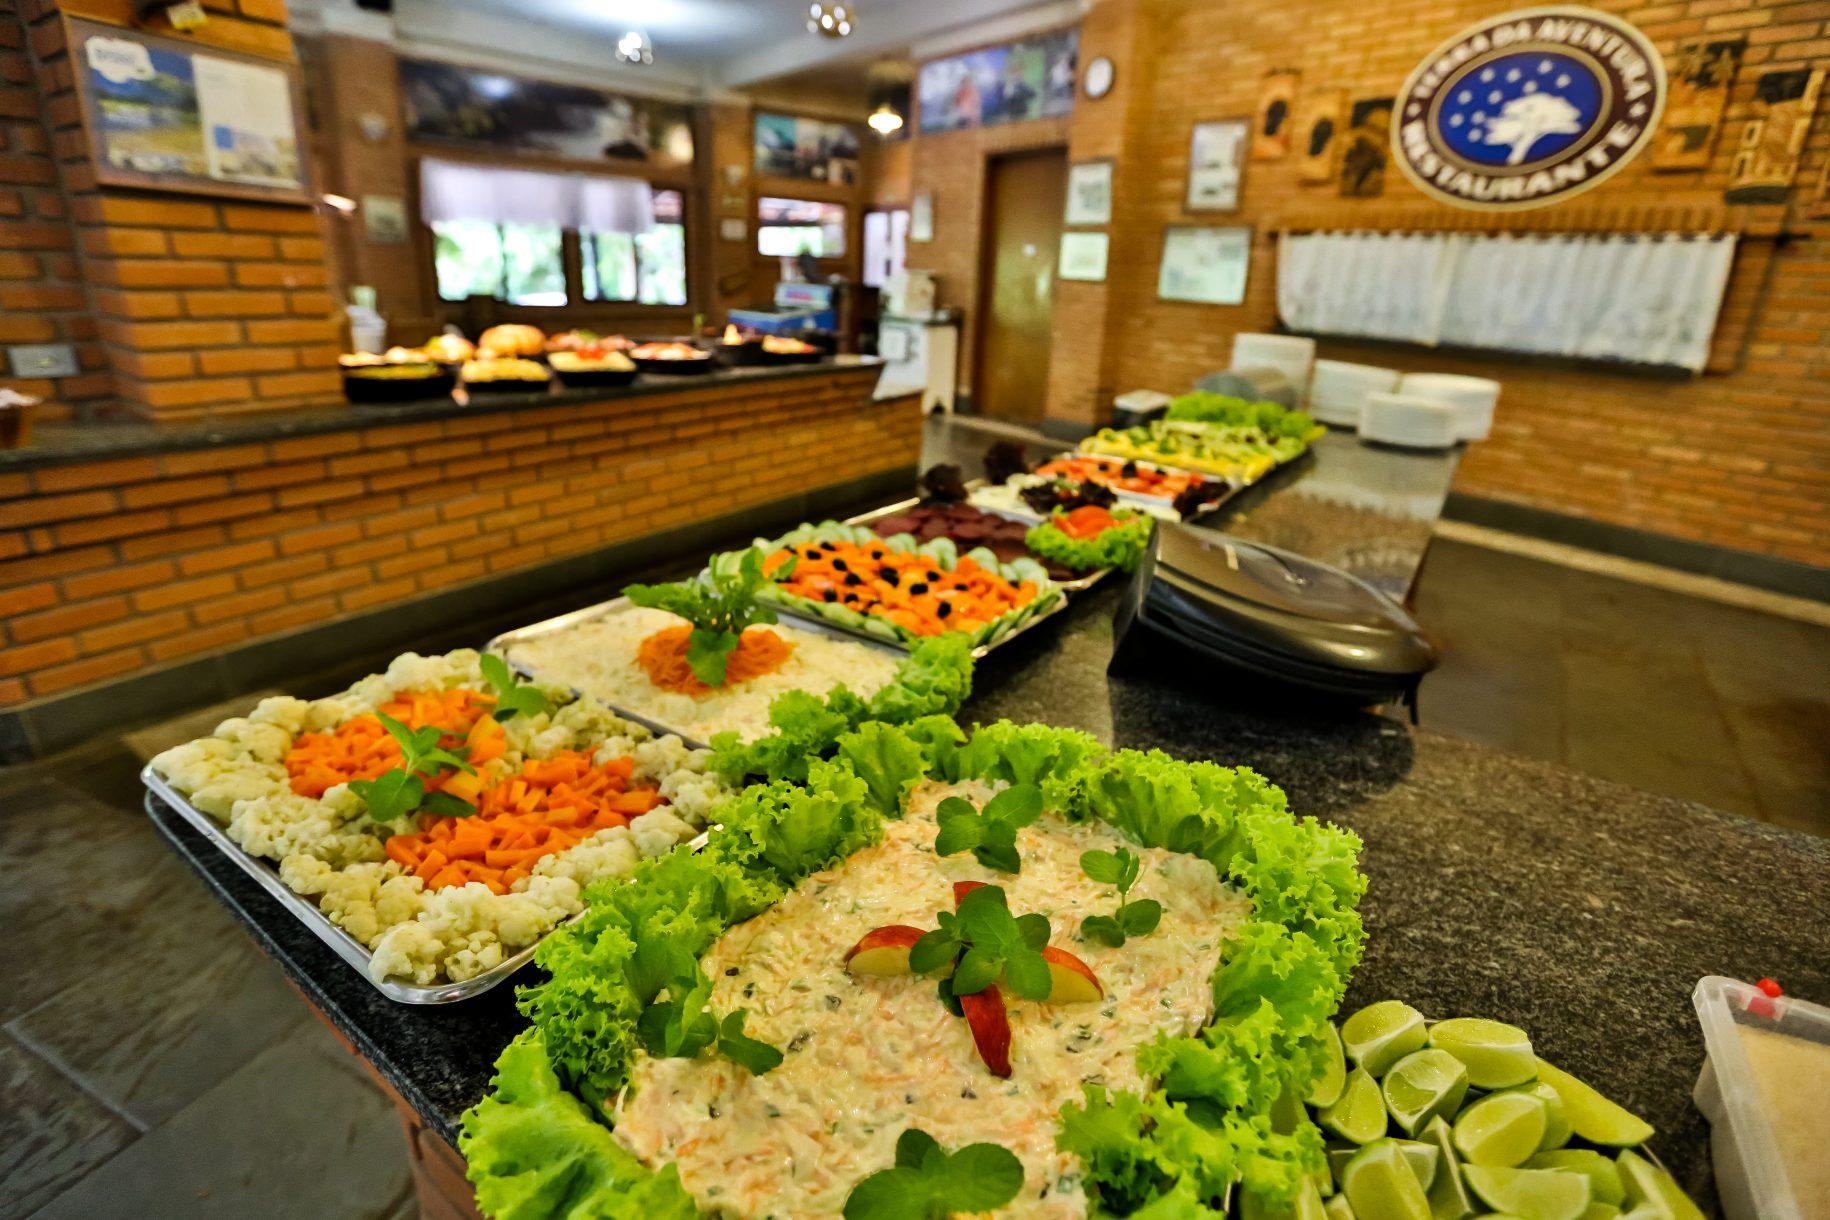 Foto do restaurante do hotel fazenda parque dos sonhos, com foco para as mesas de salada na hora do almoço